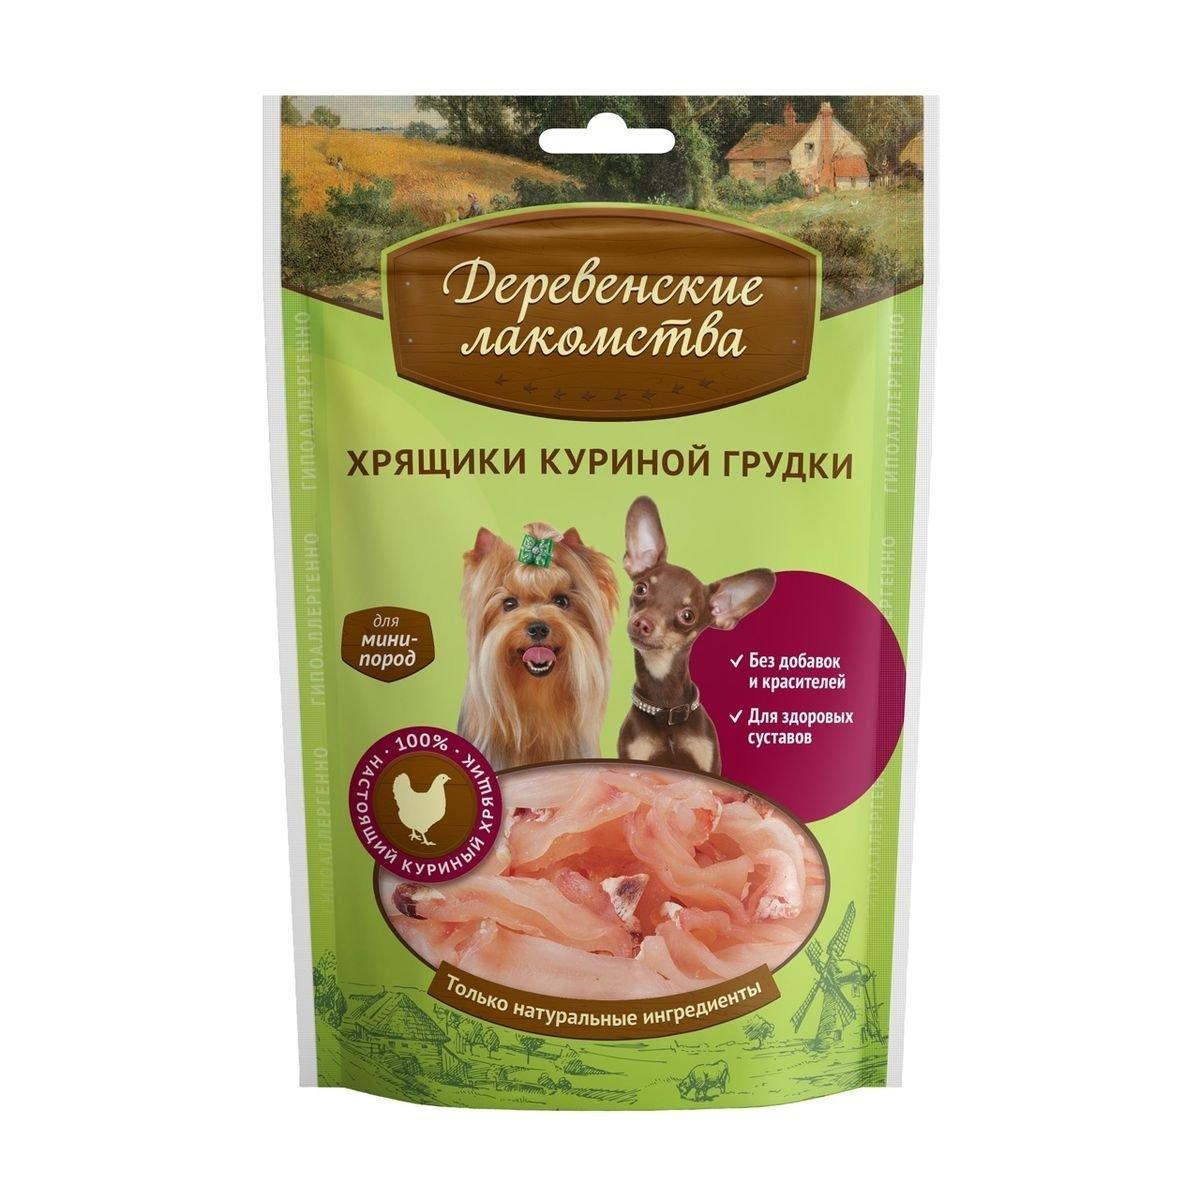 Хрящики куриной грудки для мини-пород, 30 гр, Деревенские лакомства фото